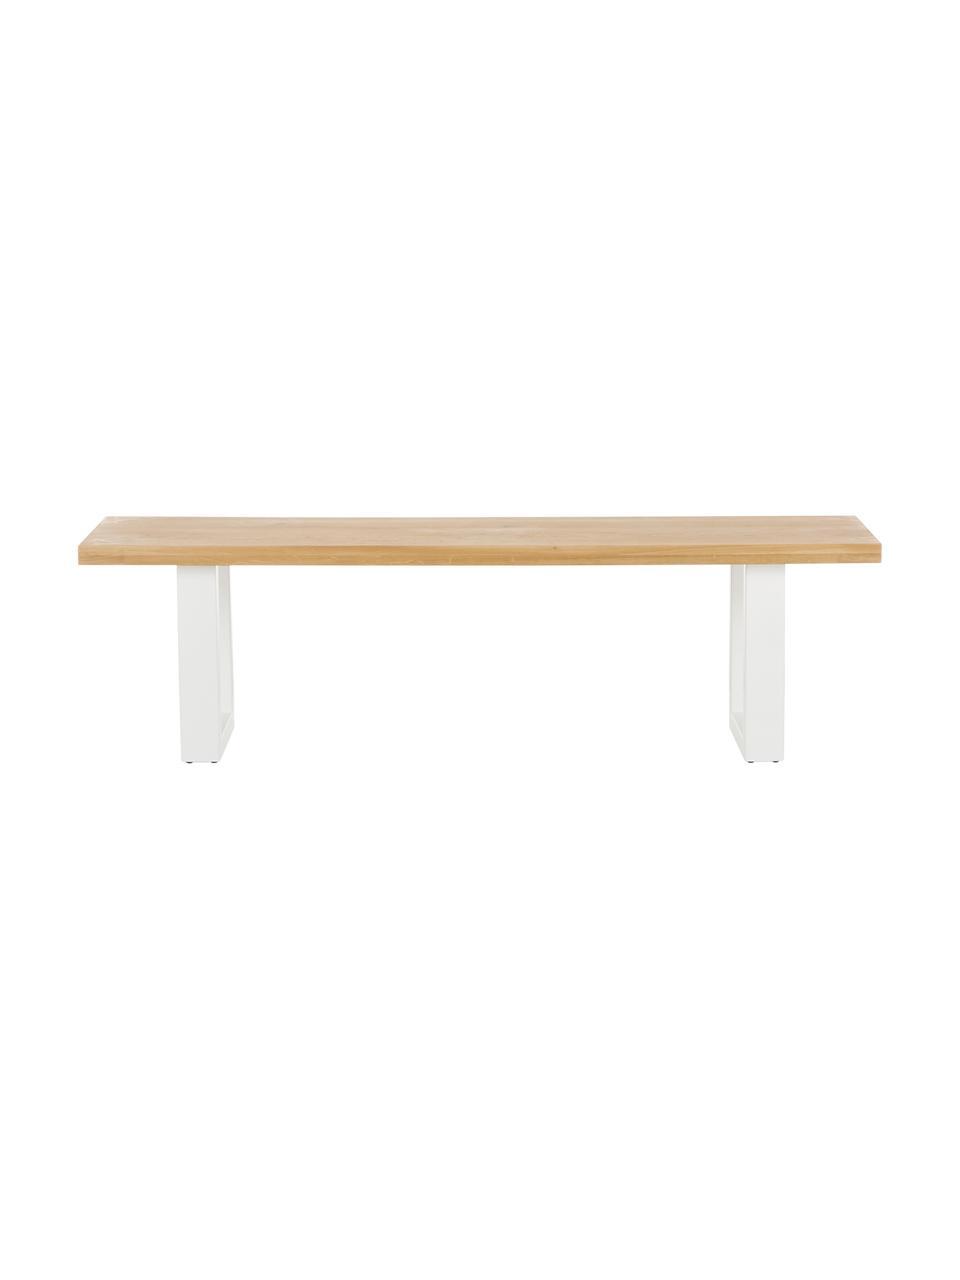 Sitzbank Oliver aus Eichenholz, Sitzfläche: Wildeichenlamellen, massi, Beine: Metall, pulverbeschichtet, Wildeiche, Weiß, 160 x 45 cm